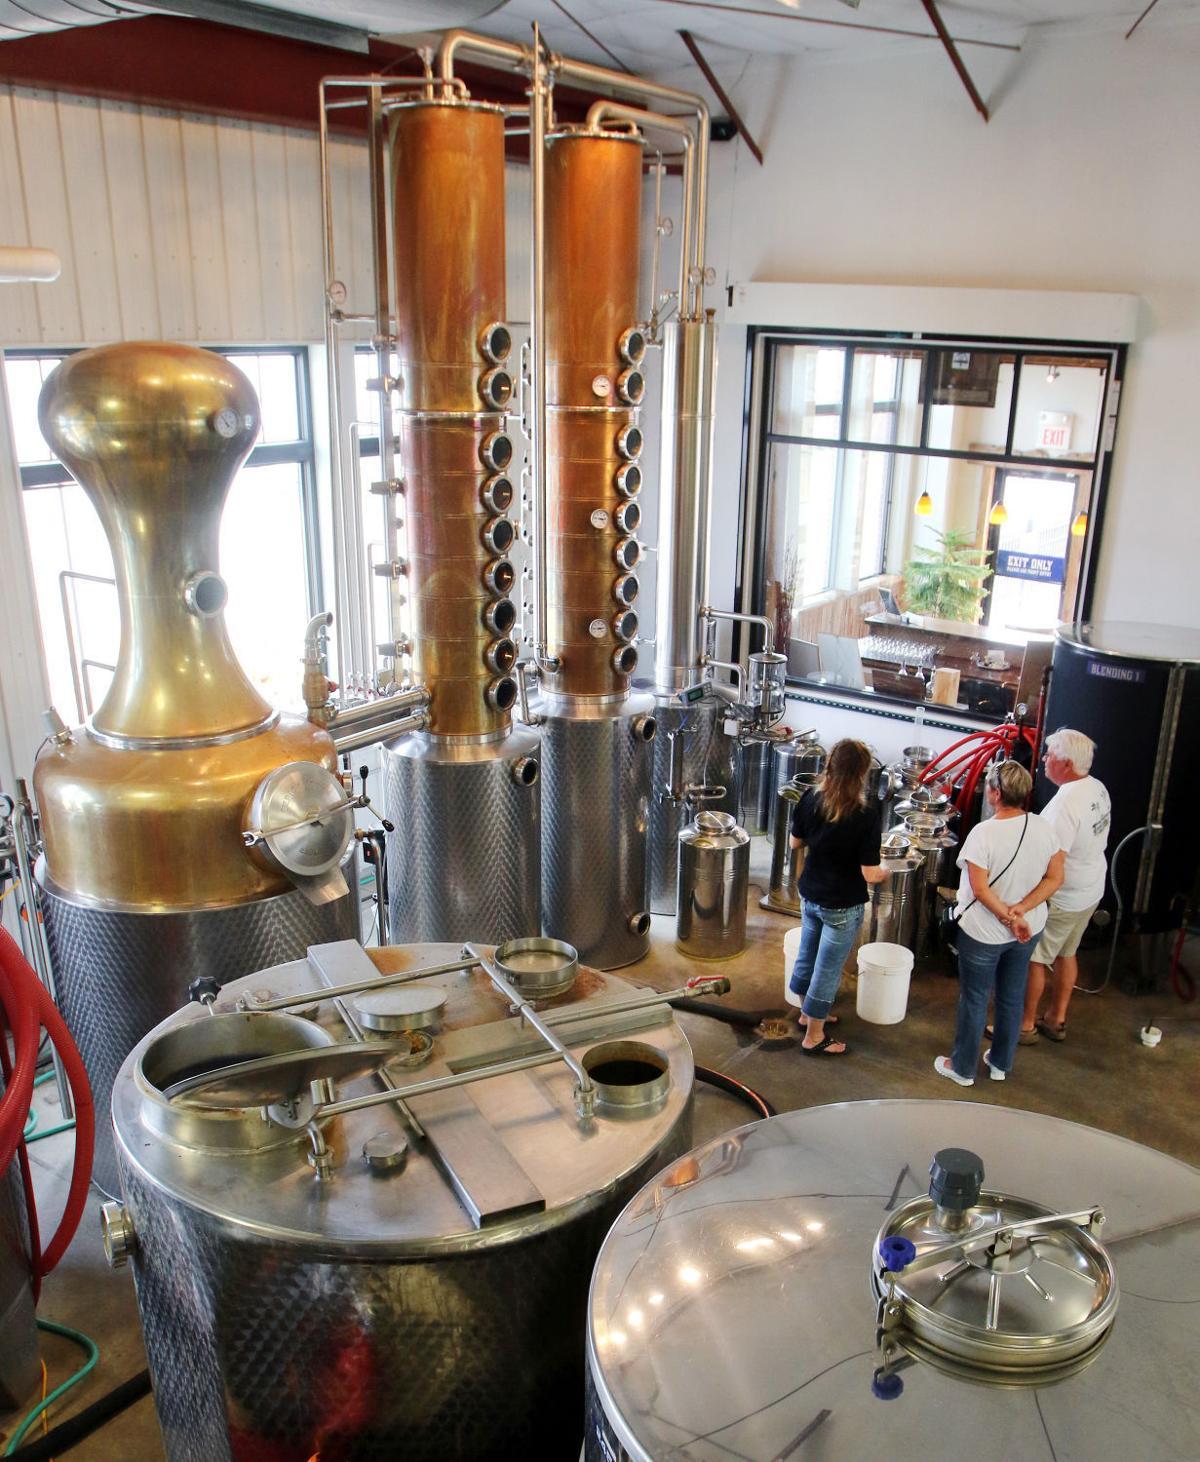 Mississippi River Distilling Co.